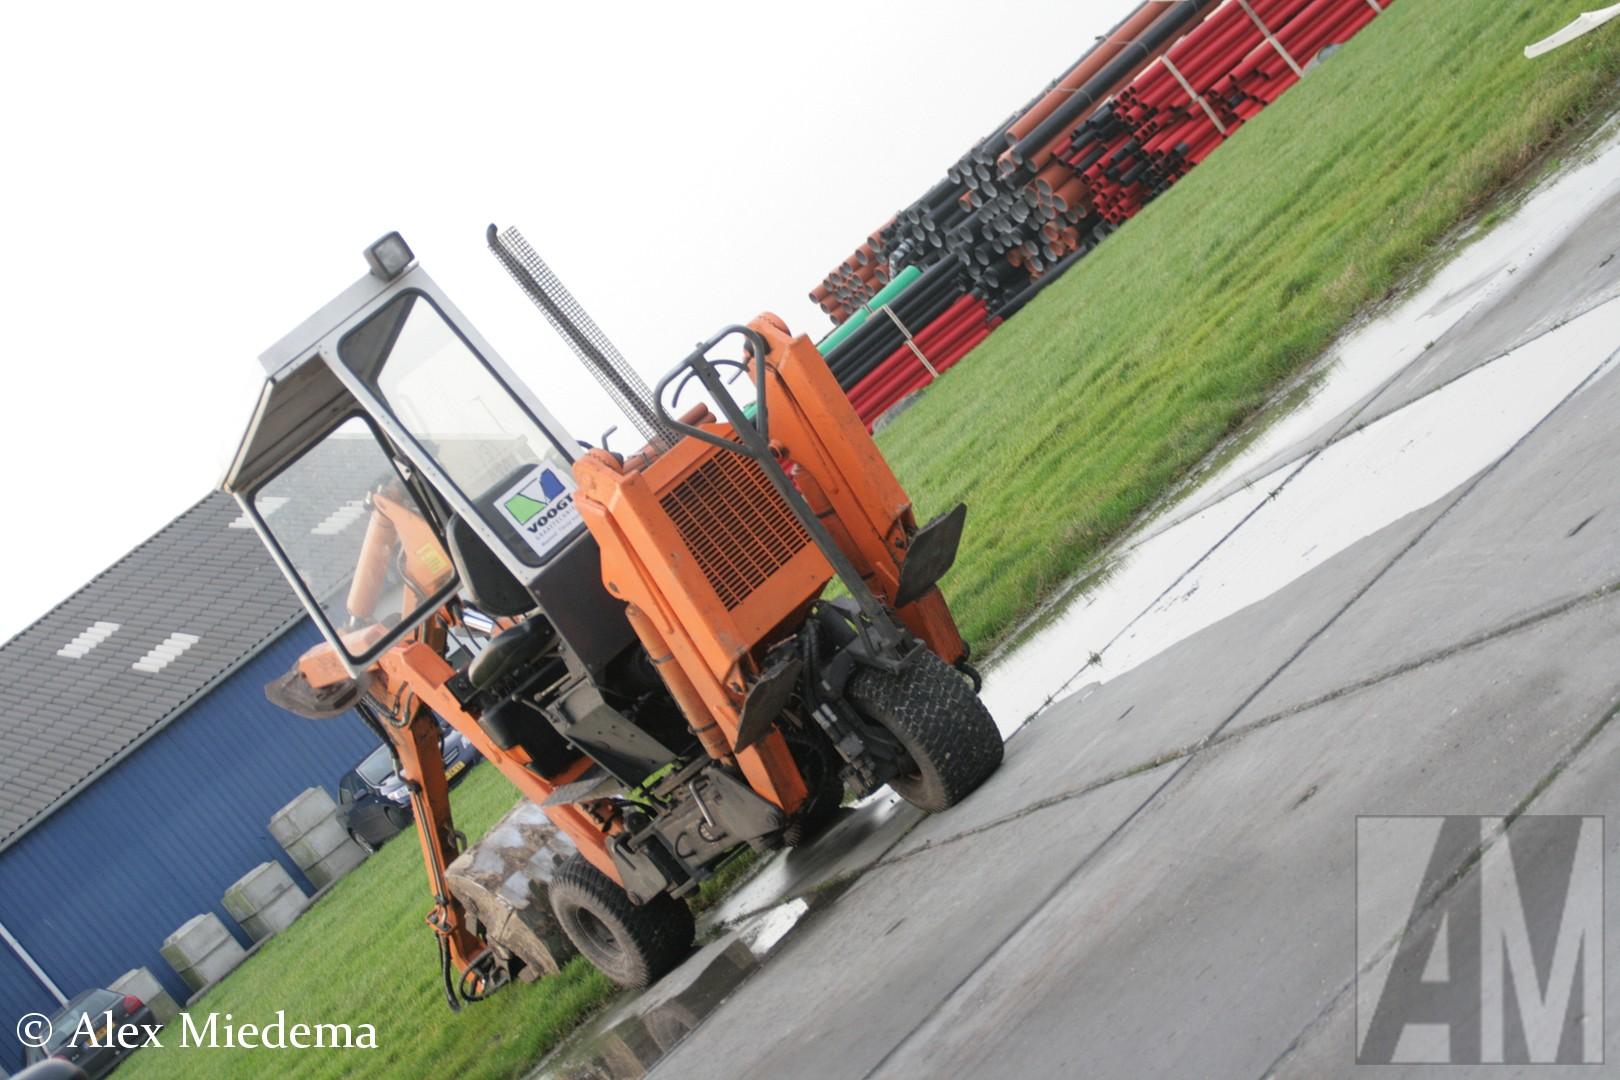 KieBij Bedrijfswagen Service Friesland in Leeuwarden heb ik al veel aparte voertuigen gezien, maar deze slaat alles. Dit is een Kiefer minigraver met vier steunpoten, drie wielen en (uiteraard) een graafarm. Het ziet er erg wendbaar, maar ook wel wat onconventioneel uit. Ik ben benieuwd wat de voordelen zijn ten opzichte van een reguliere rups-minigraver? Het transport van deze Kiefer wordt overigens ook met een bijzondere truckje gedaan, maar daar is in een andere blogpost meer over te lezen.Bij Bedrijfswagen Service Friesland in Leeuwarden heb ik al veel aparte voertuigen gezien, maar deze slaat alles. Dit is een Kiefer minigraver met vier steunpoten, drie wielen en (uiteraard) een graafarm. Het ziet er erg wendbaar, maar ook wel wat onconventioneel uit. Ik ben benieuwd wat de voordelen zijn ten opzichte van een reguliere rups-minigraver? Het transport van deze Kiefer wordt overigens ook met een bijzondere truckje gedaan, maar daar is in een andere blogpost meer over te lezen.Bij Bedrijfswagen Service Friesland in Leeuwarden heb ik al veel aparte voertuigen gezien, maar deze slaat alles. Dit is een Kiefer minigraver met vier steunpoten, drie wielen en (uiteraard) een graafarm. Het ziet er erg wendbaar, maar ook wel wat onconventioneel uit. Ik ben benieuwd wat de voordelen zijn ten opzichte van een reguliere rups-minigraver? Het transport van deze Kiefer wordt overigens ook met een bijzondere truckje gedaan, maar daar is in een andere blogpost meer over te lezen.fer